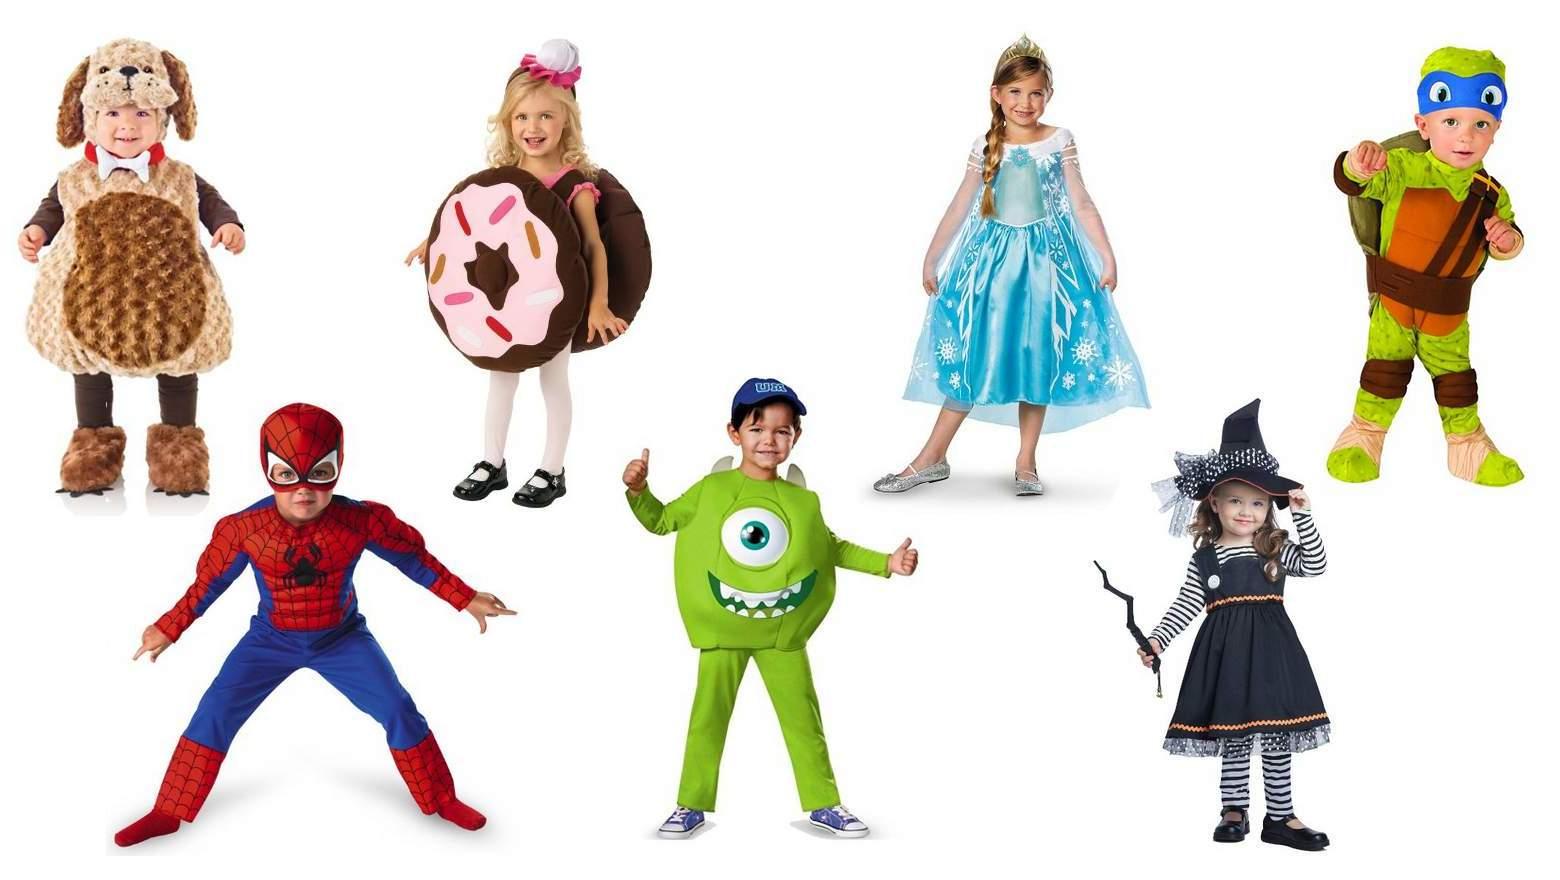 Tolle Kinder Kostüme für Halloween